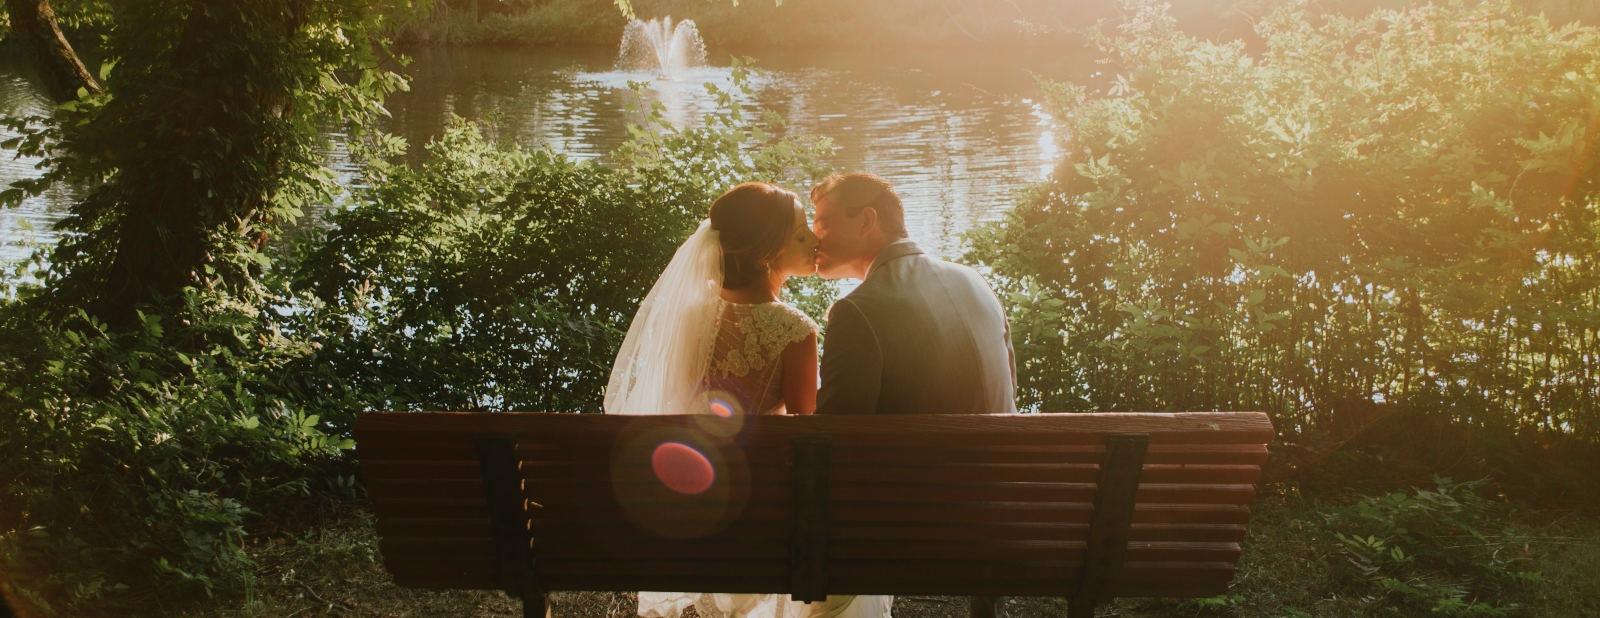 Brautpaar in Brautkleid und Anzug, küssend auf einer Parkbank in einem Park vor einem See